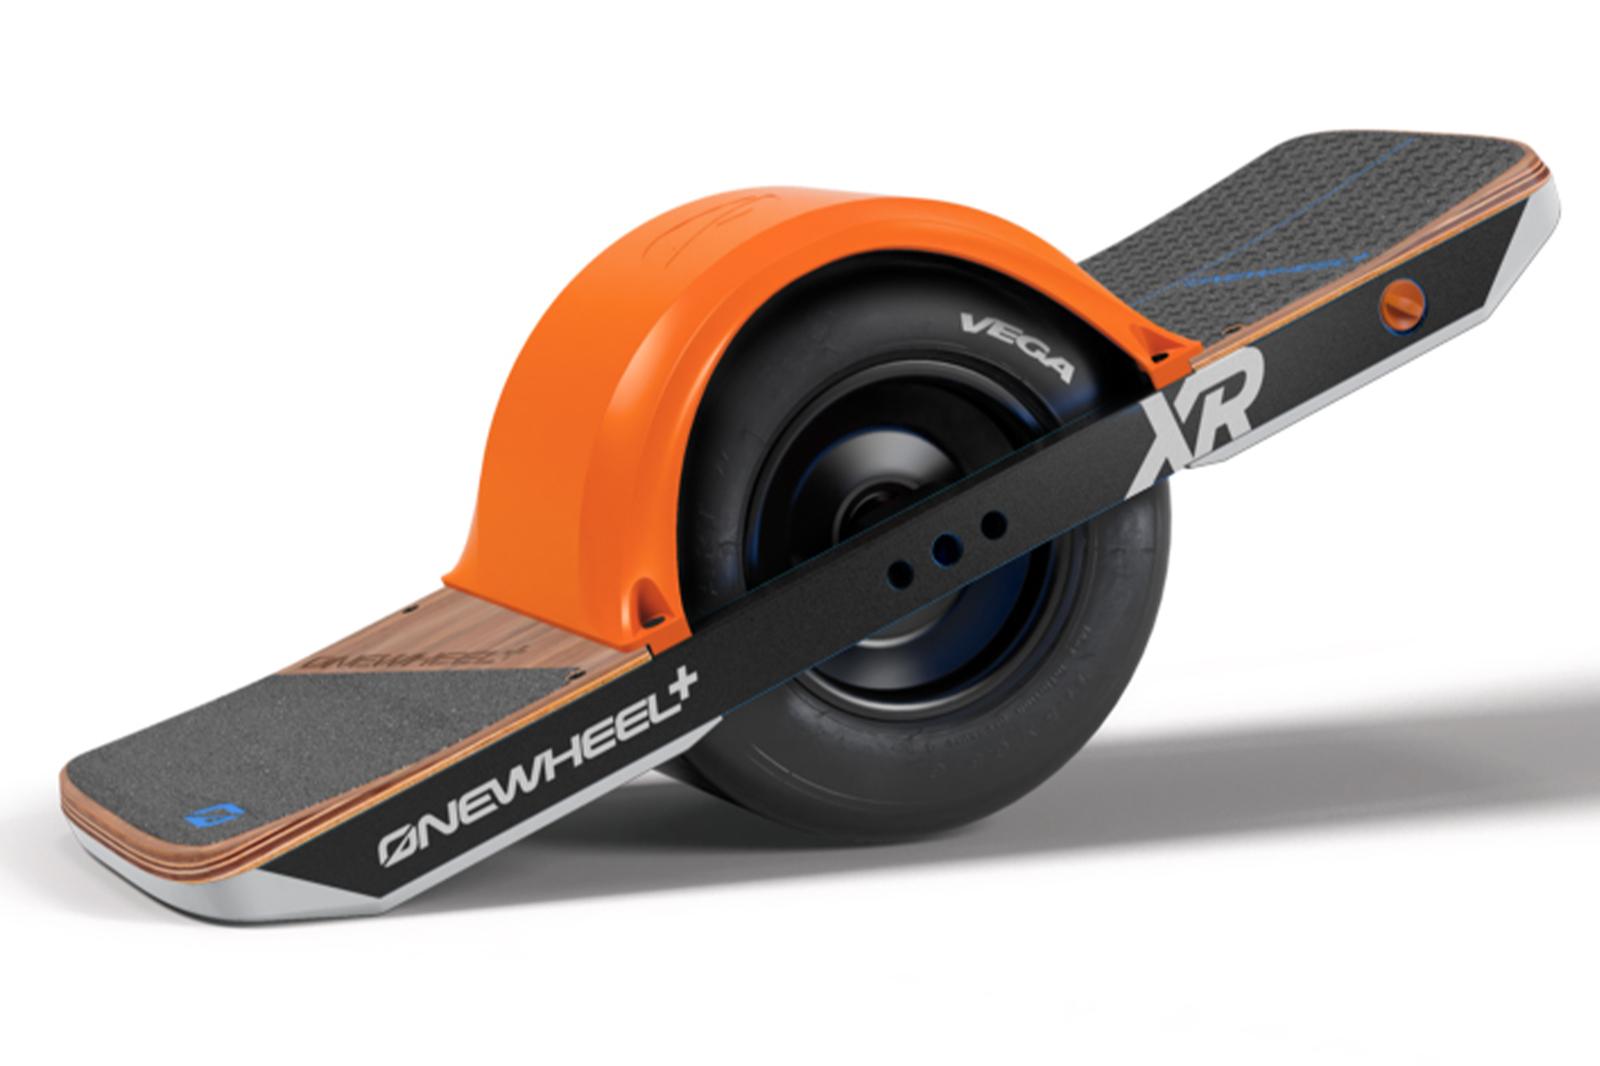 Onewheel XR Electric Balance Board